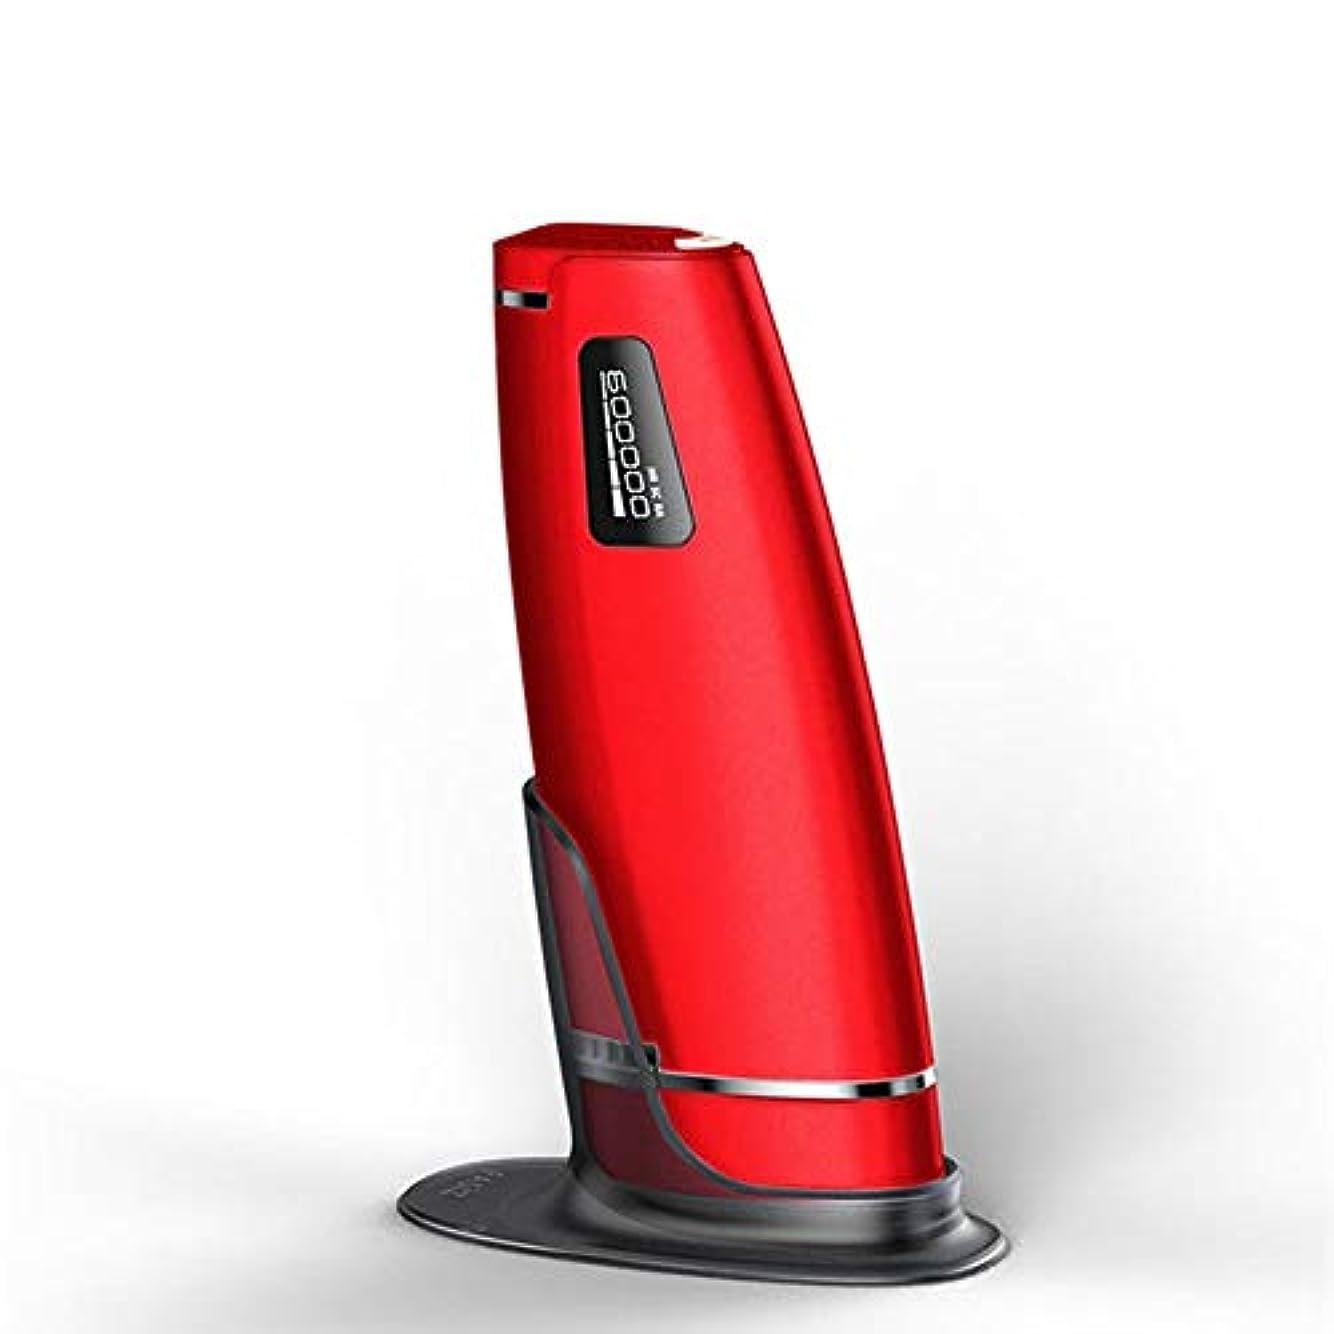 構築するスリッパマエストロ赤、デュアルモード、ホームオートマチック無痛脱毛剤、携帯用永久脱毛剤、5スピード調整、サイズ20.5 X 4.5 X 7 Cm 効果が良い (Color : Red)